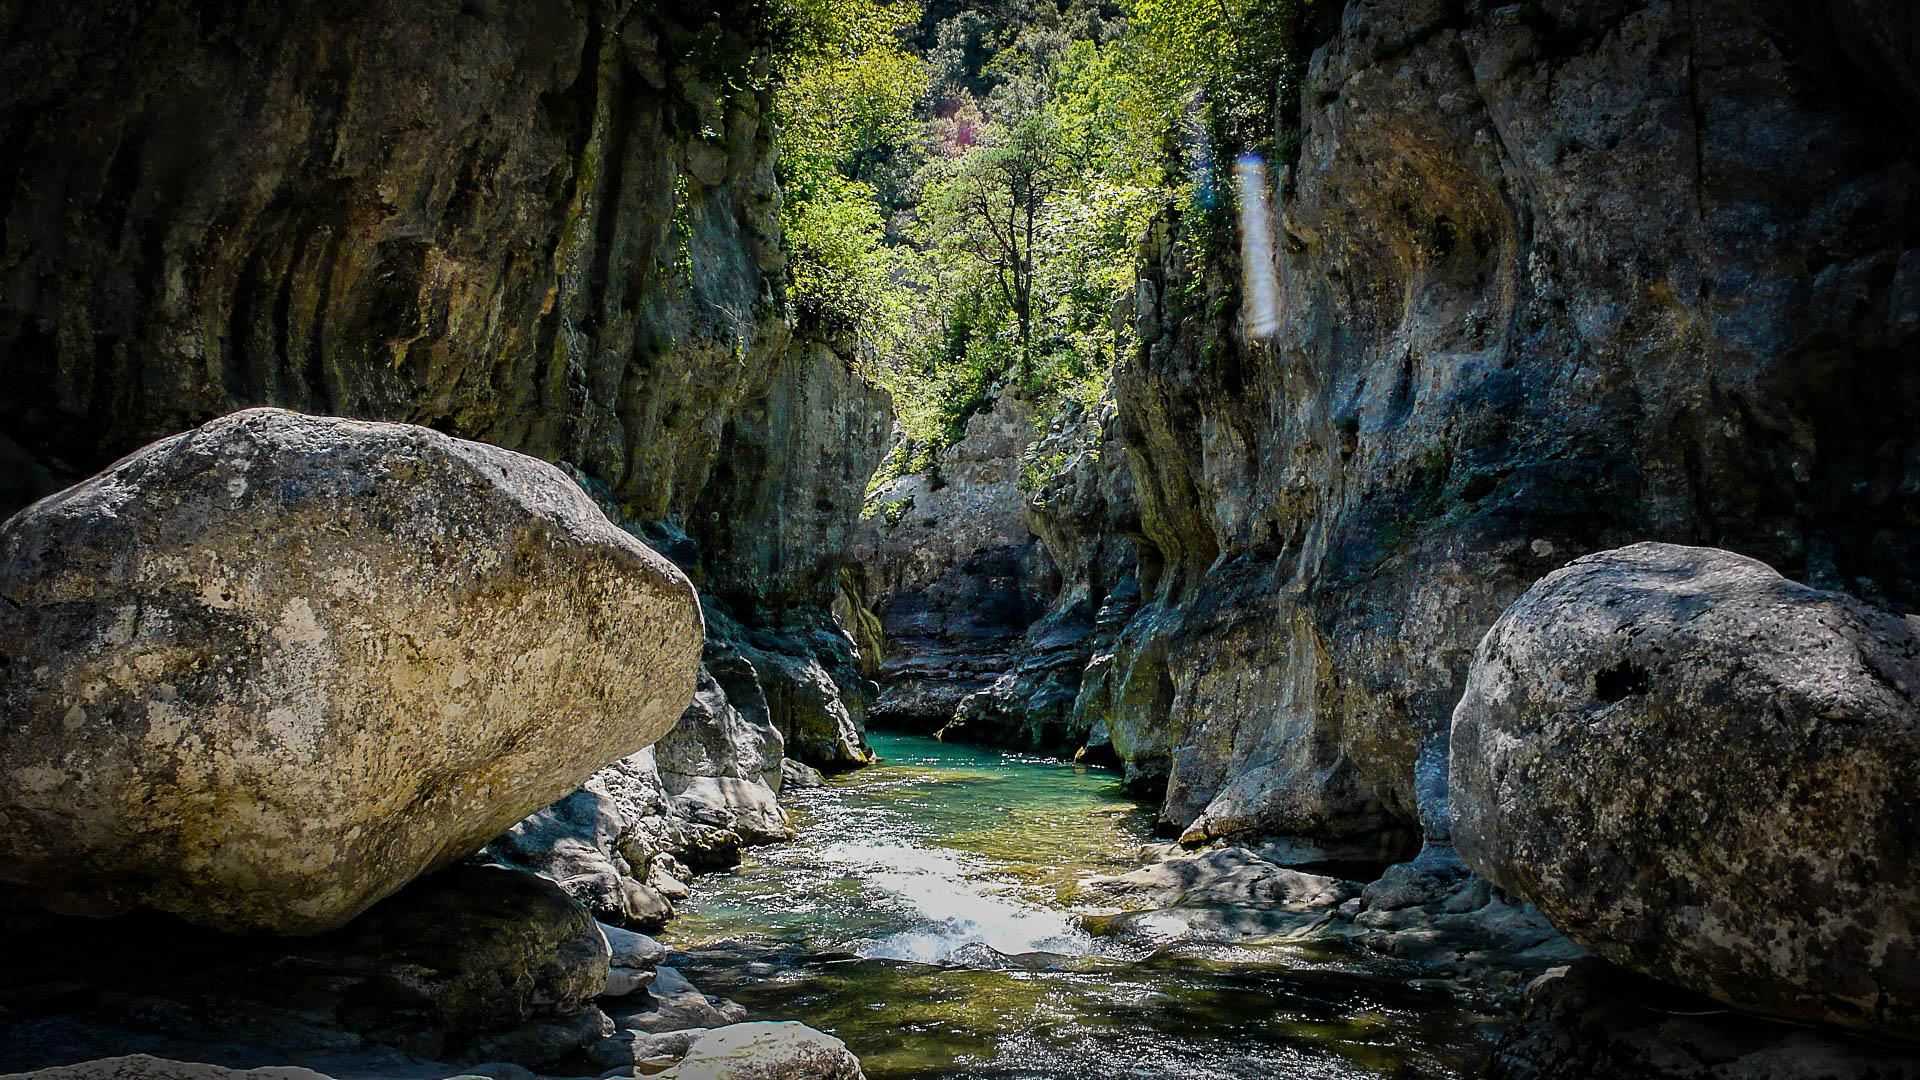 Le haut-lieu du canyoning dans les Pyrénées : Canyon de Miraval